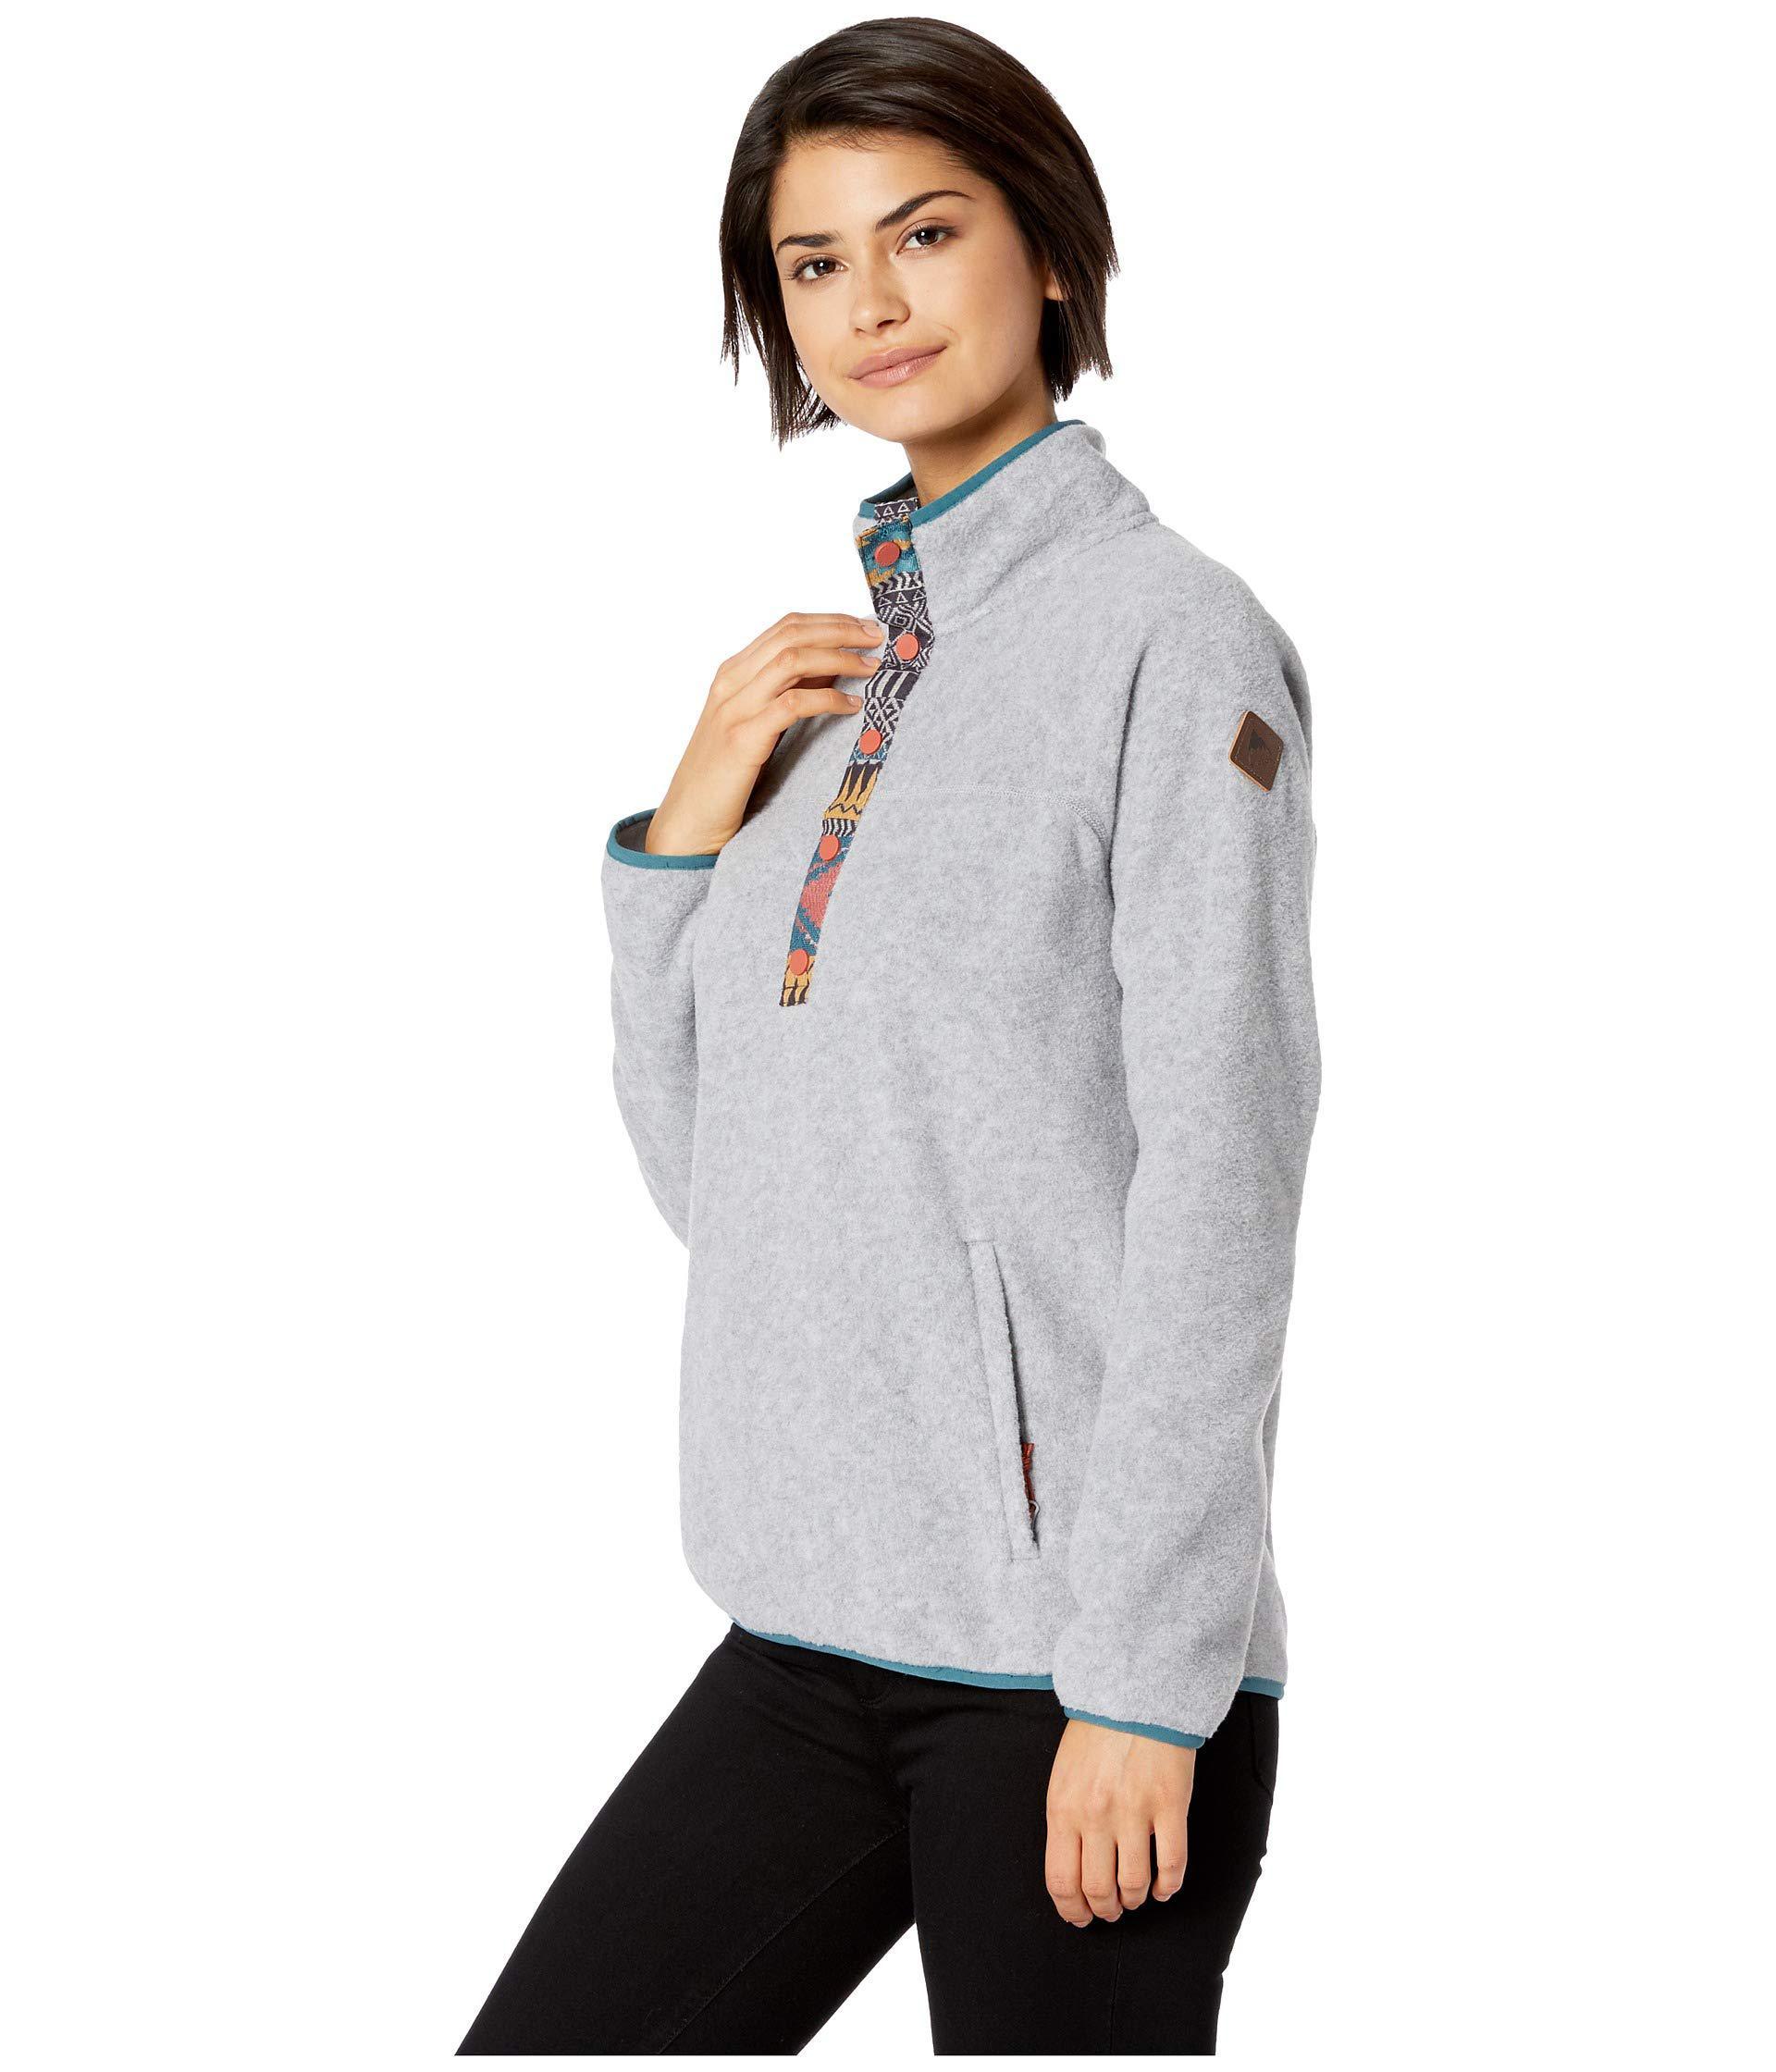 b61baba642 Hearth Fleece Pullover (gray Heather) Women's Fleece